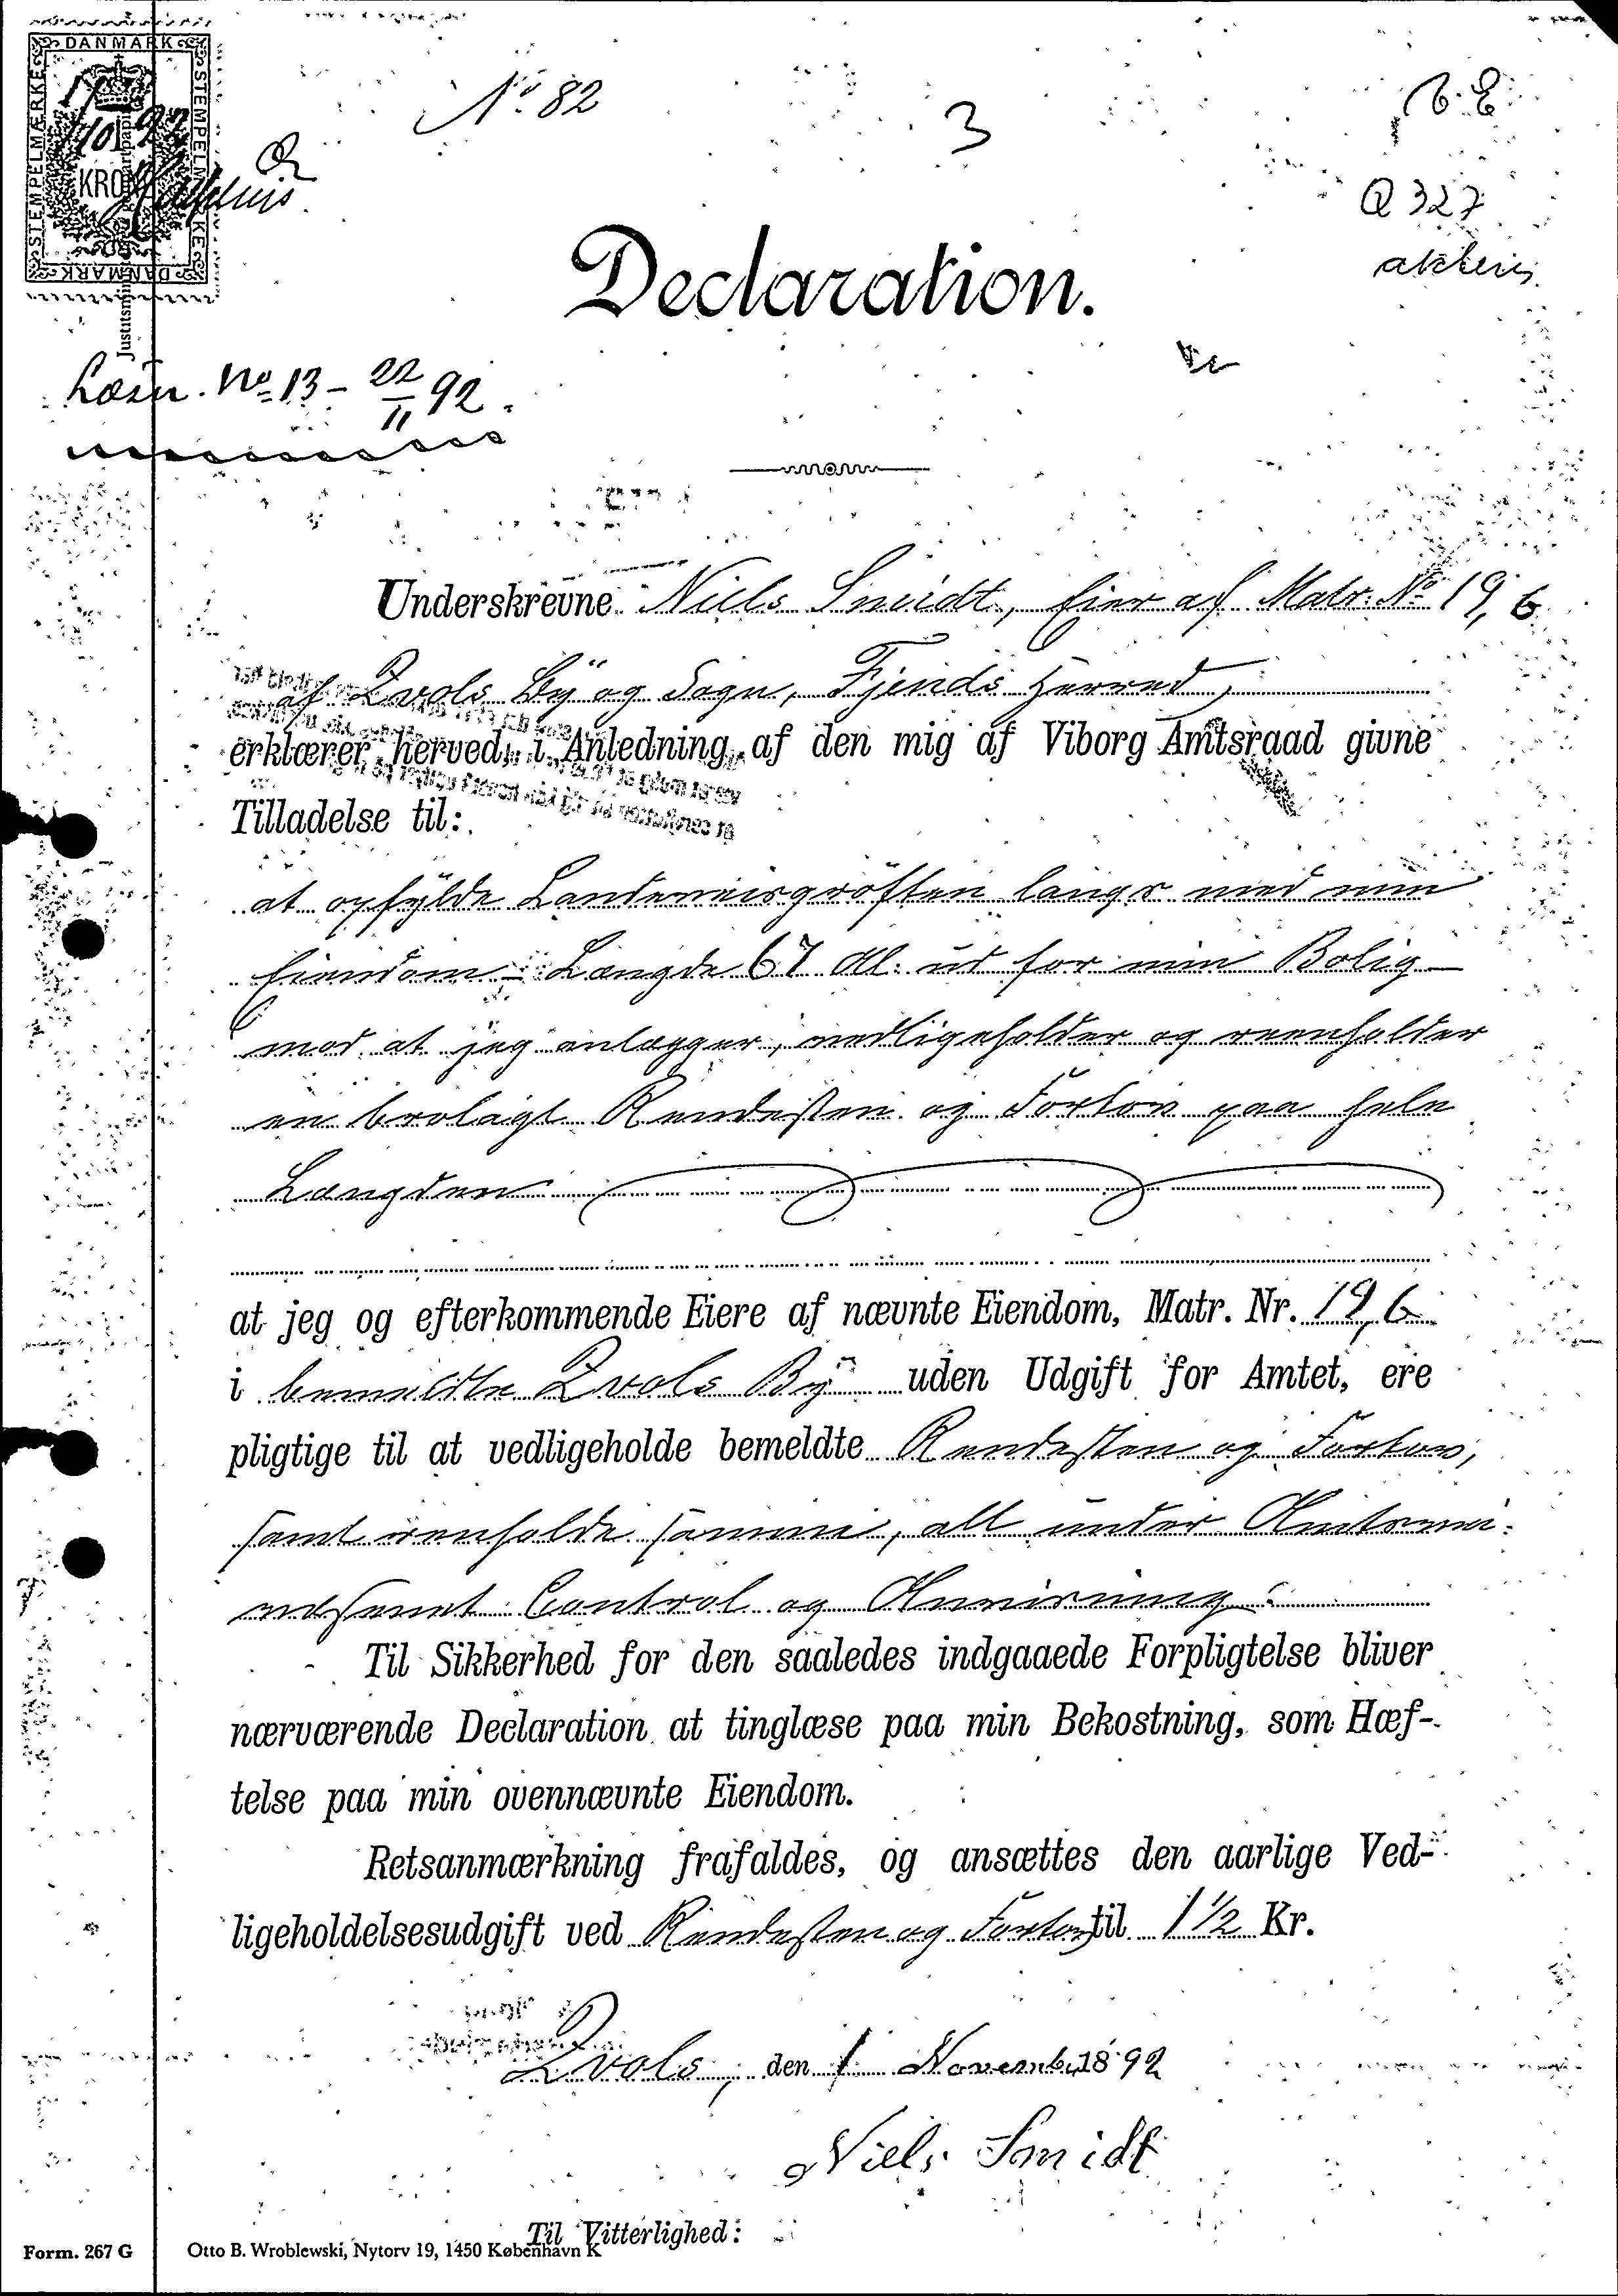 Virksundvej 1, Declaration 1. november 1892 side 1 af 2